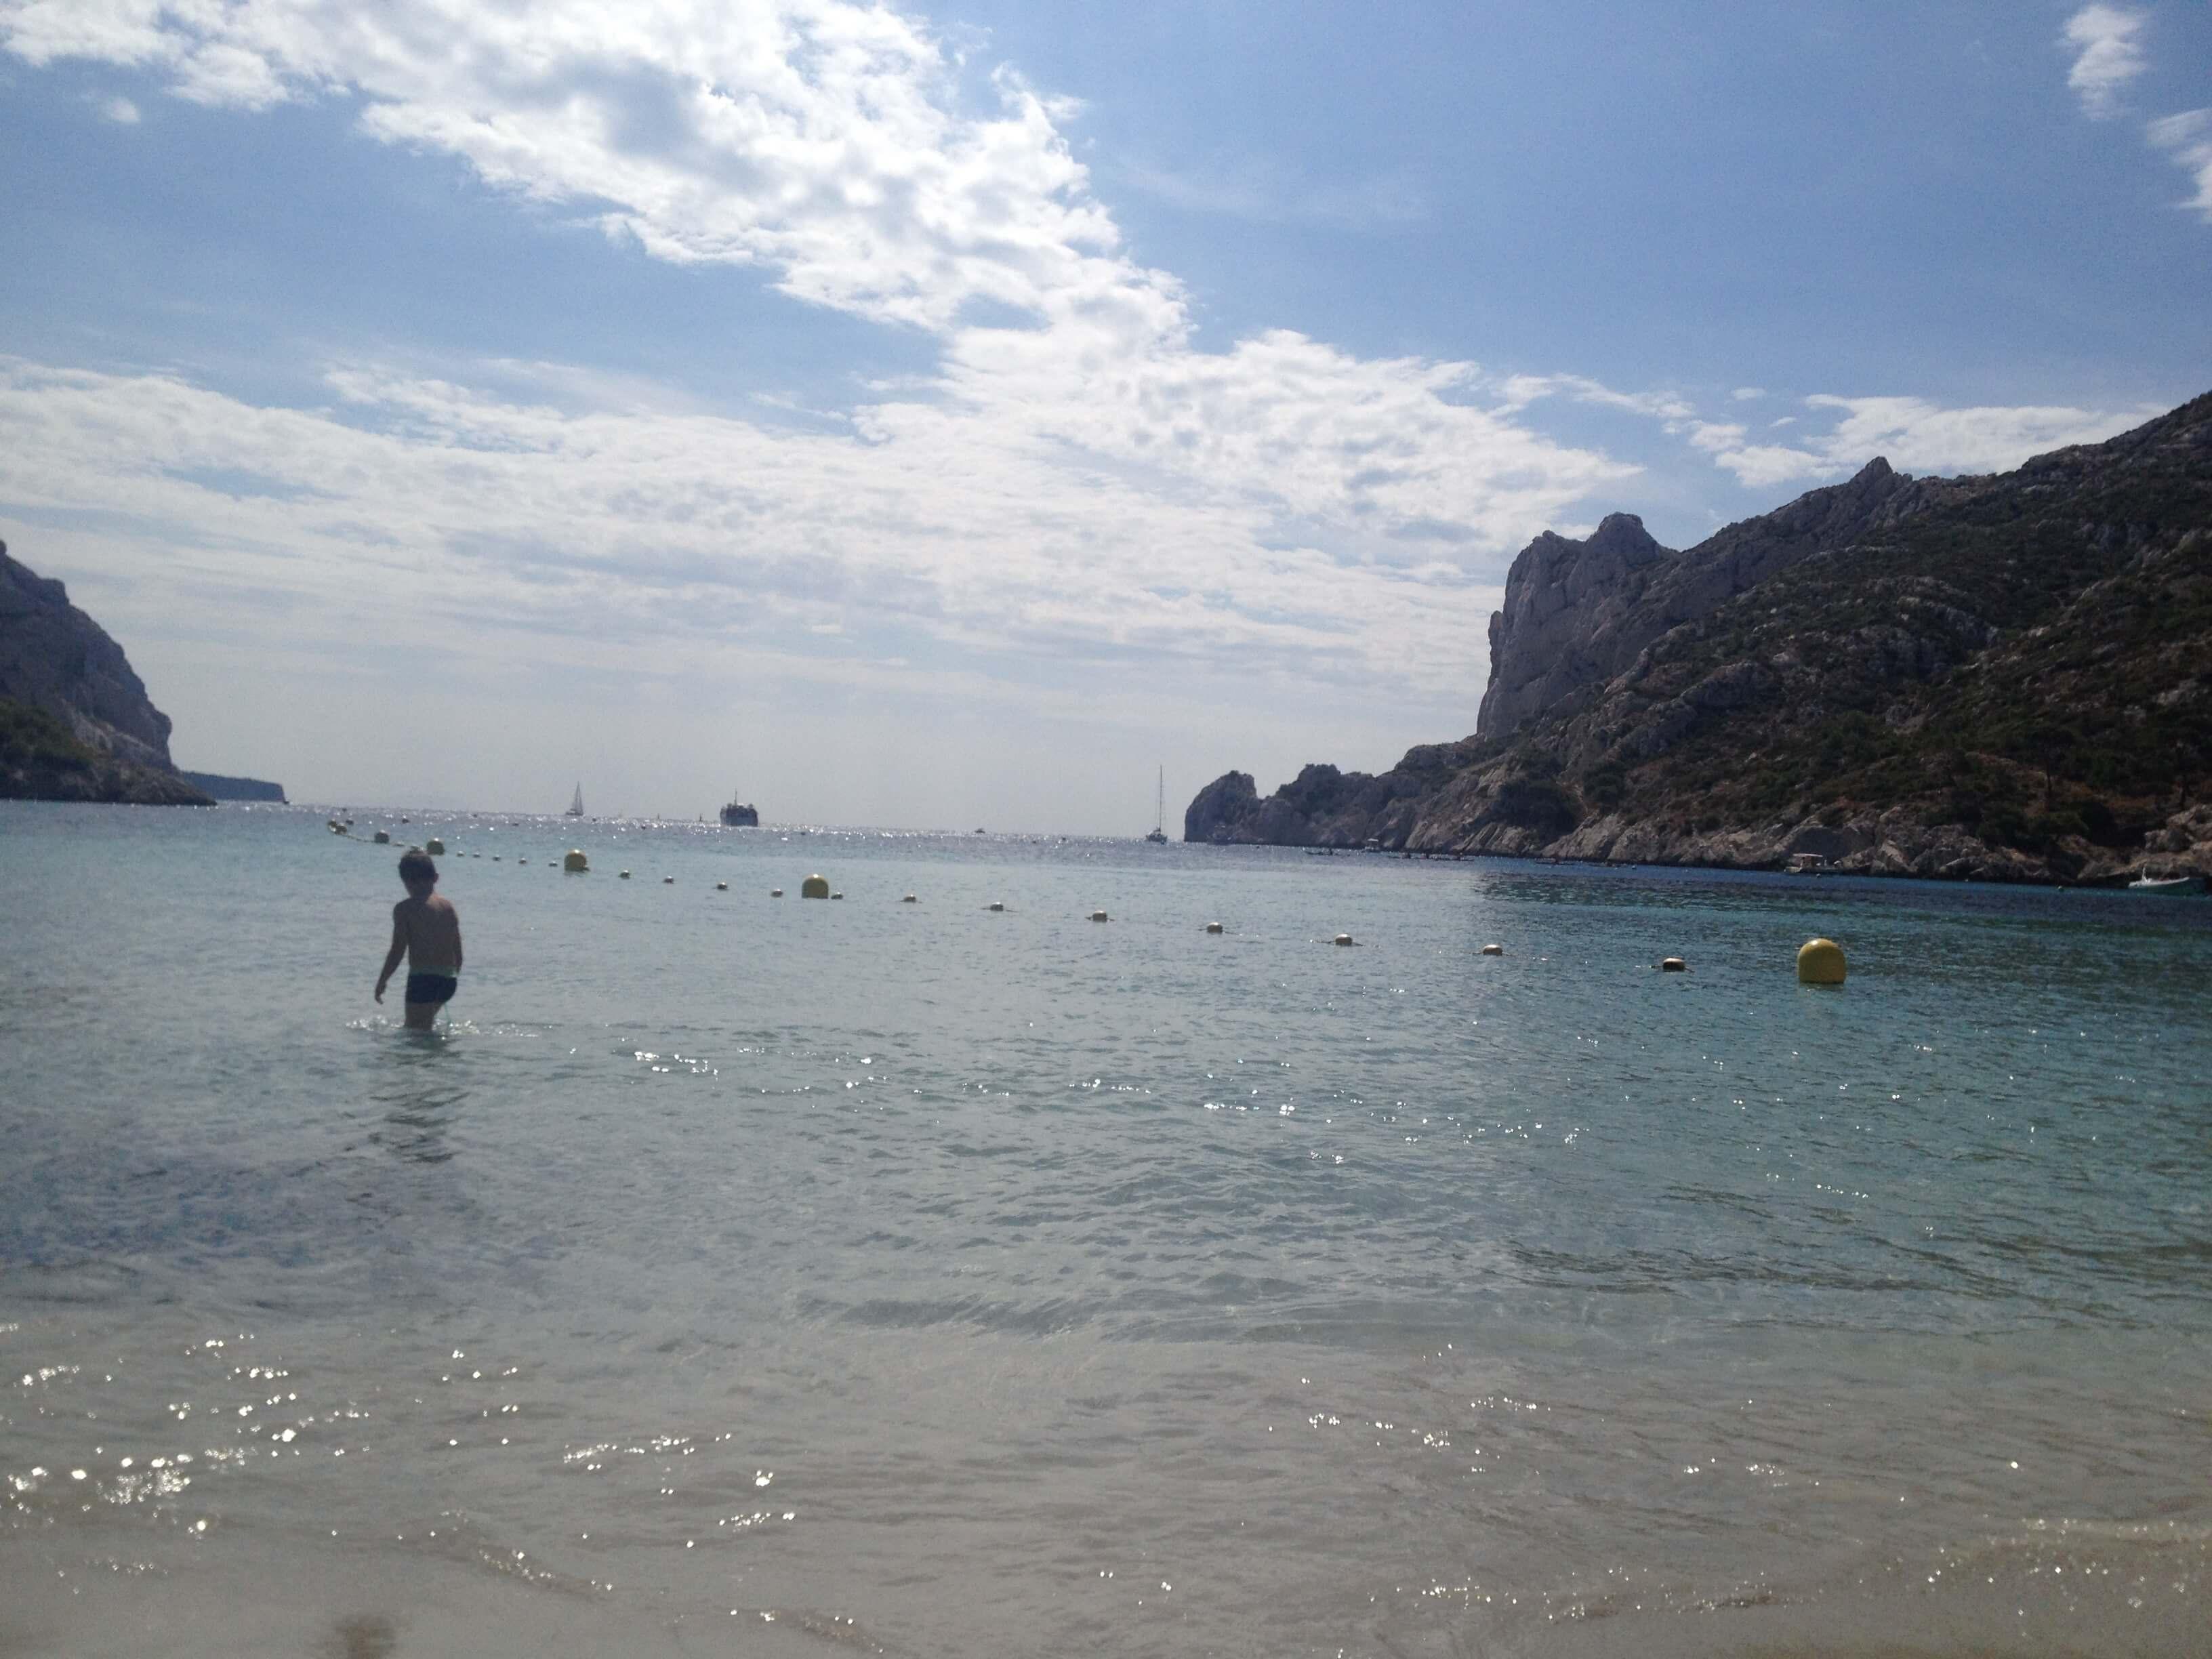 The beach at Calanque de Sormiou.